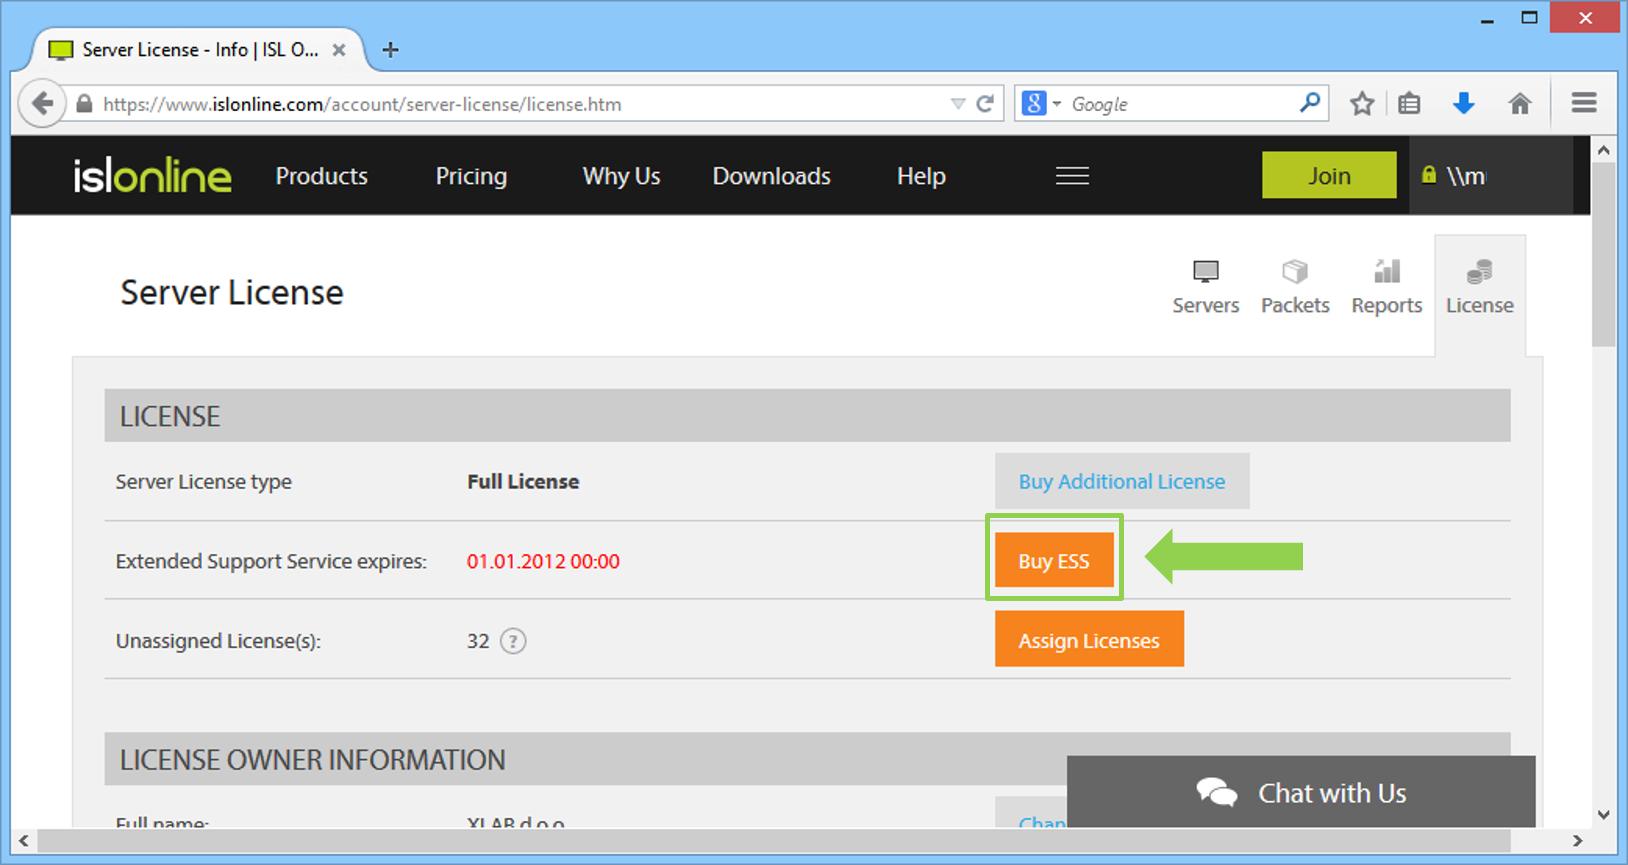 Купить украинские прокси socks5 для накрутки подписчиков инстаграм приватные прокси-листы